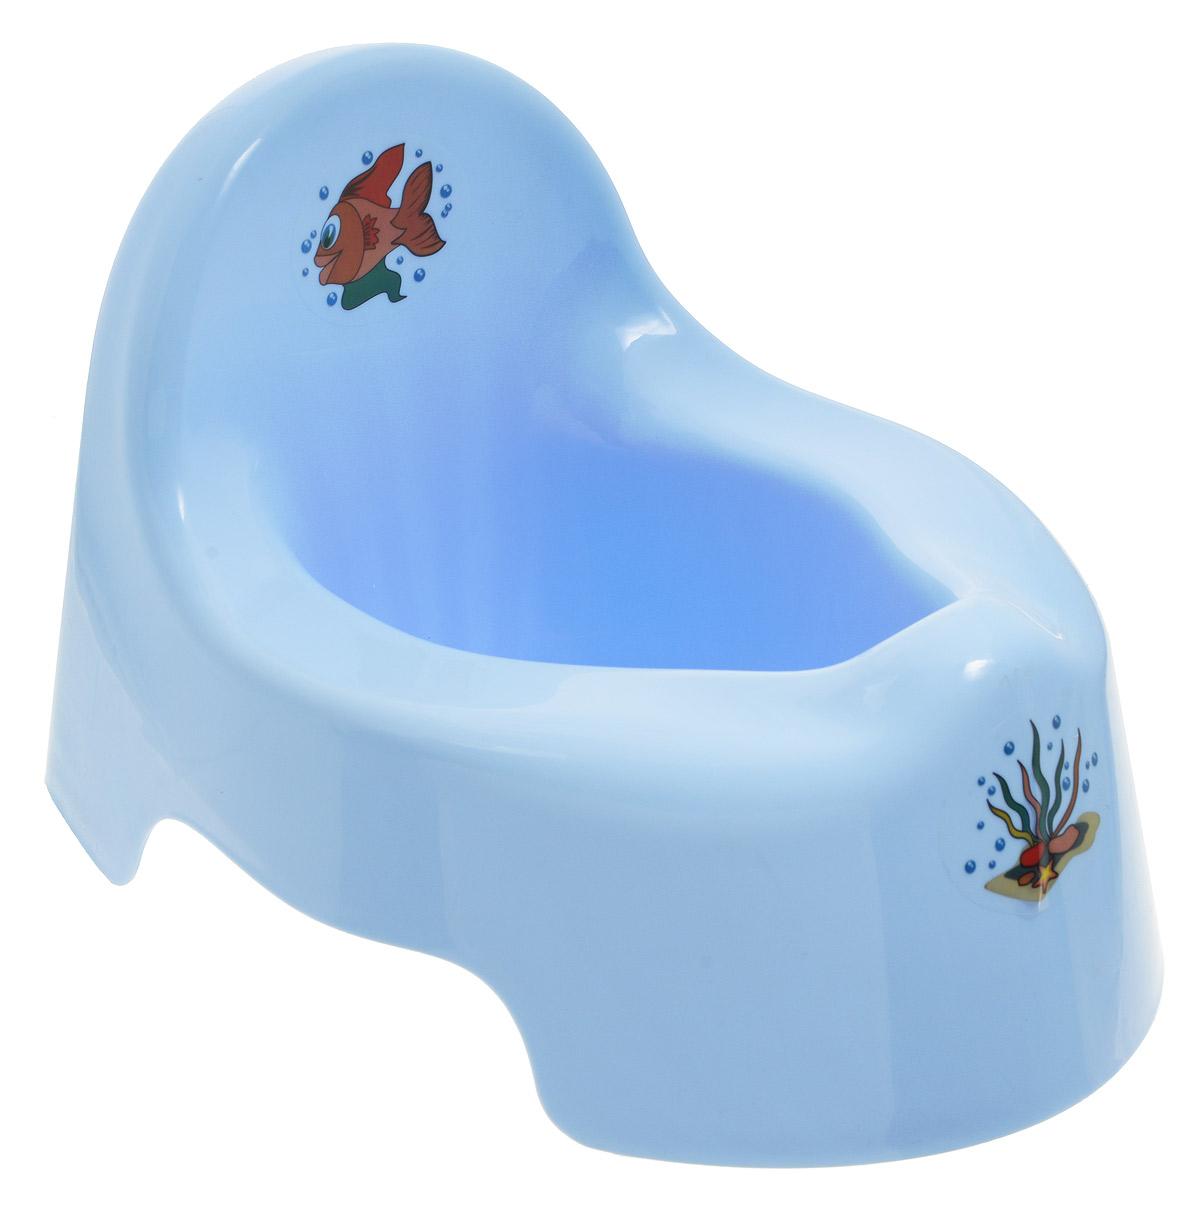 Idea Горшок детский цвет голубойМ 2595_голубойДетский горшок Idea голубого цвета выполнен из безопасного полипропилена, без содержания токсичных элементов. Анатомическая форма сиденья повторяет контуры тела ребенка, что обеспечивает ему максимальный комфорт. Горшок очень легкий, имеет гладкую закругленную поверхность, которую легко мыть, его легко переносить. Спинка оформлена изображением симпатичной рыбки. Детский горшок Idea прекрасно подойдет для приучения ребенка к горшку и отказу от подгузников.